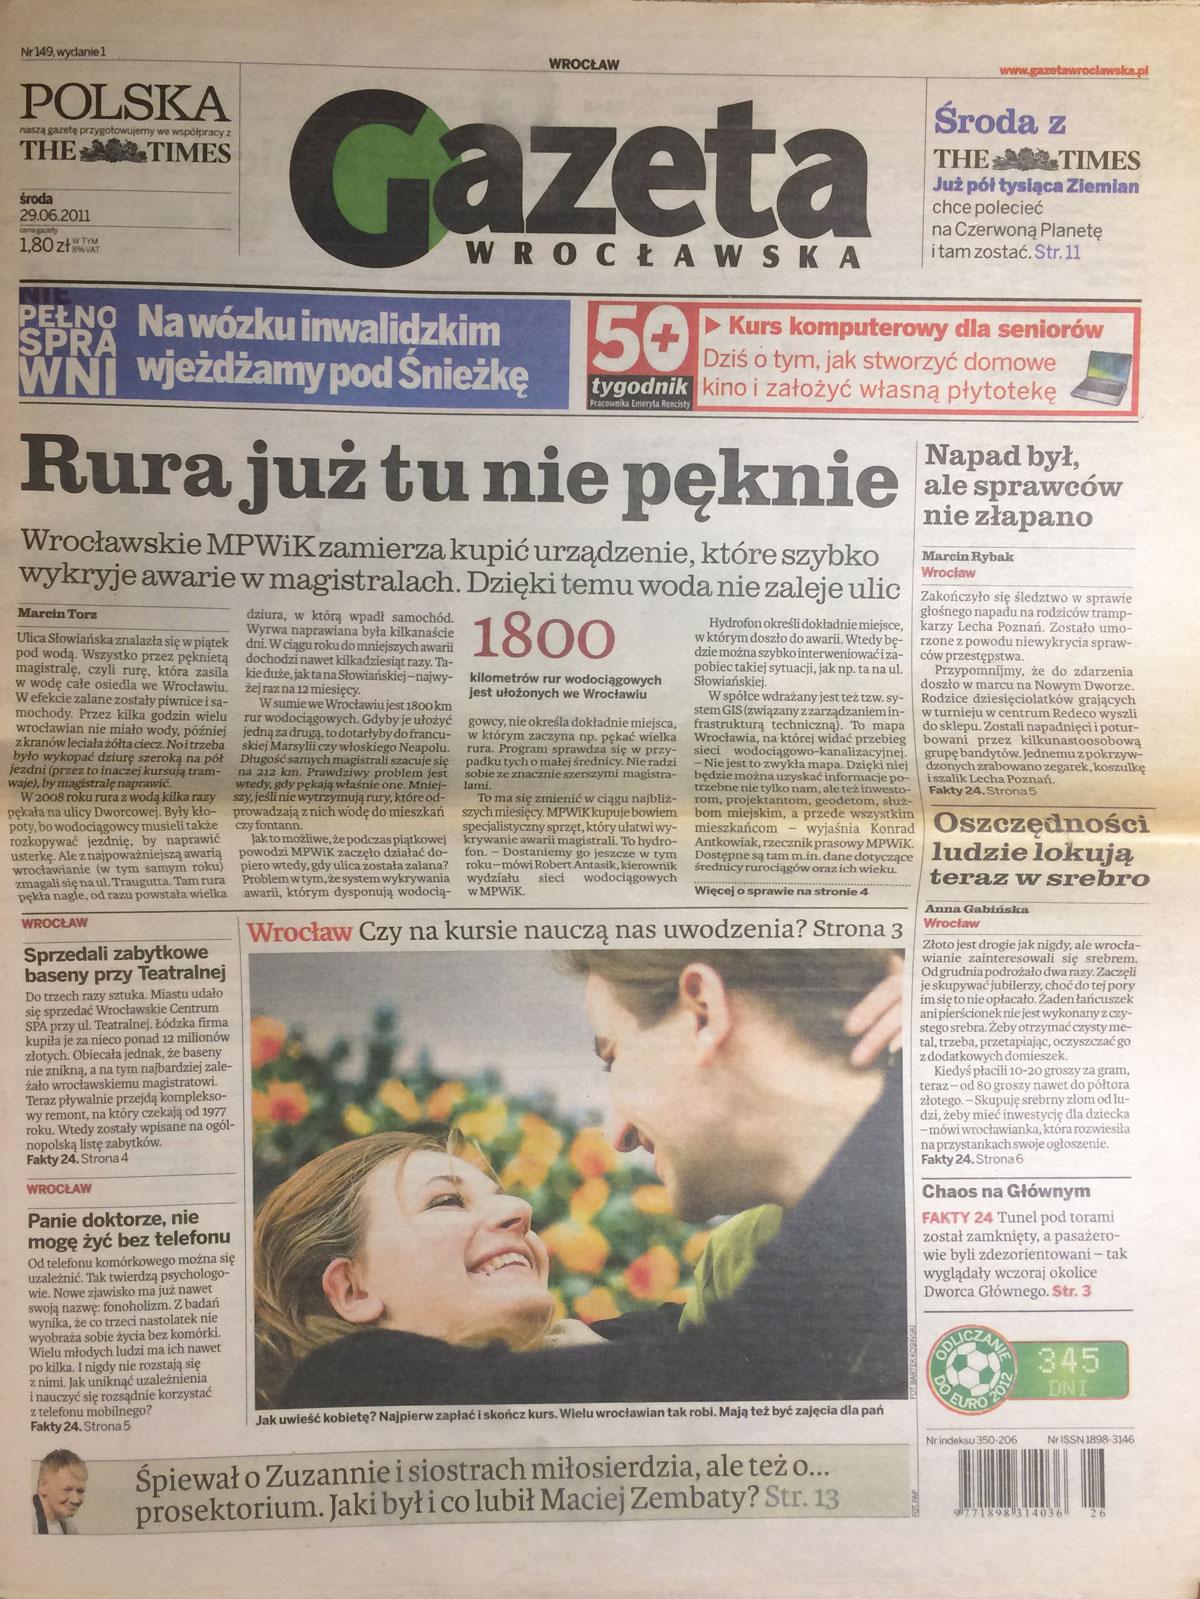 Kurs Uwodzenia Gazeta Wrocławska